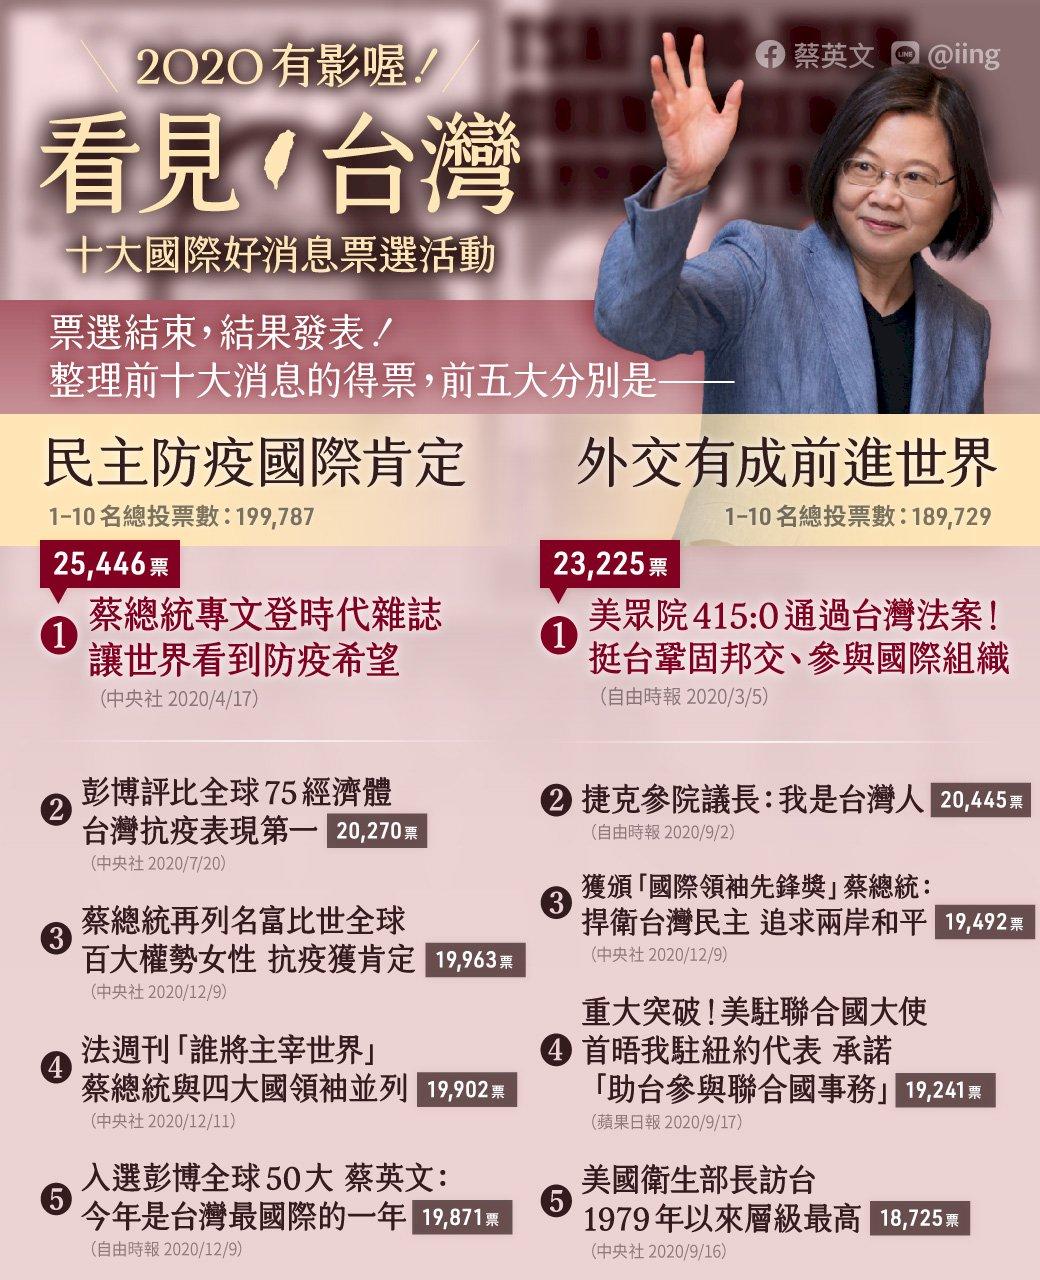 十大國際好消息票選結果出爐 蔡總統登上時代雜誌上榜